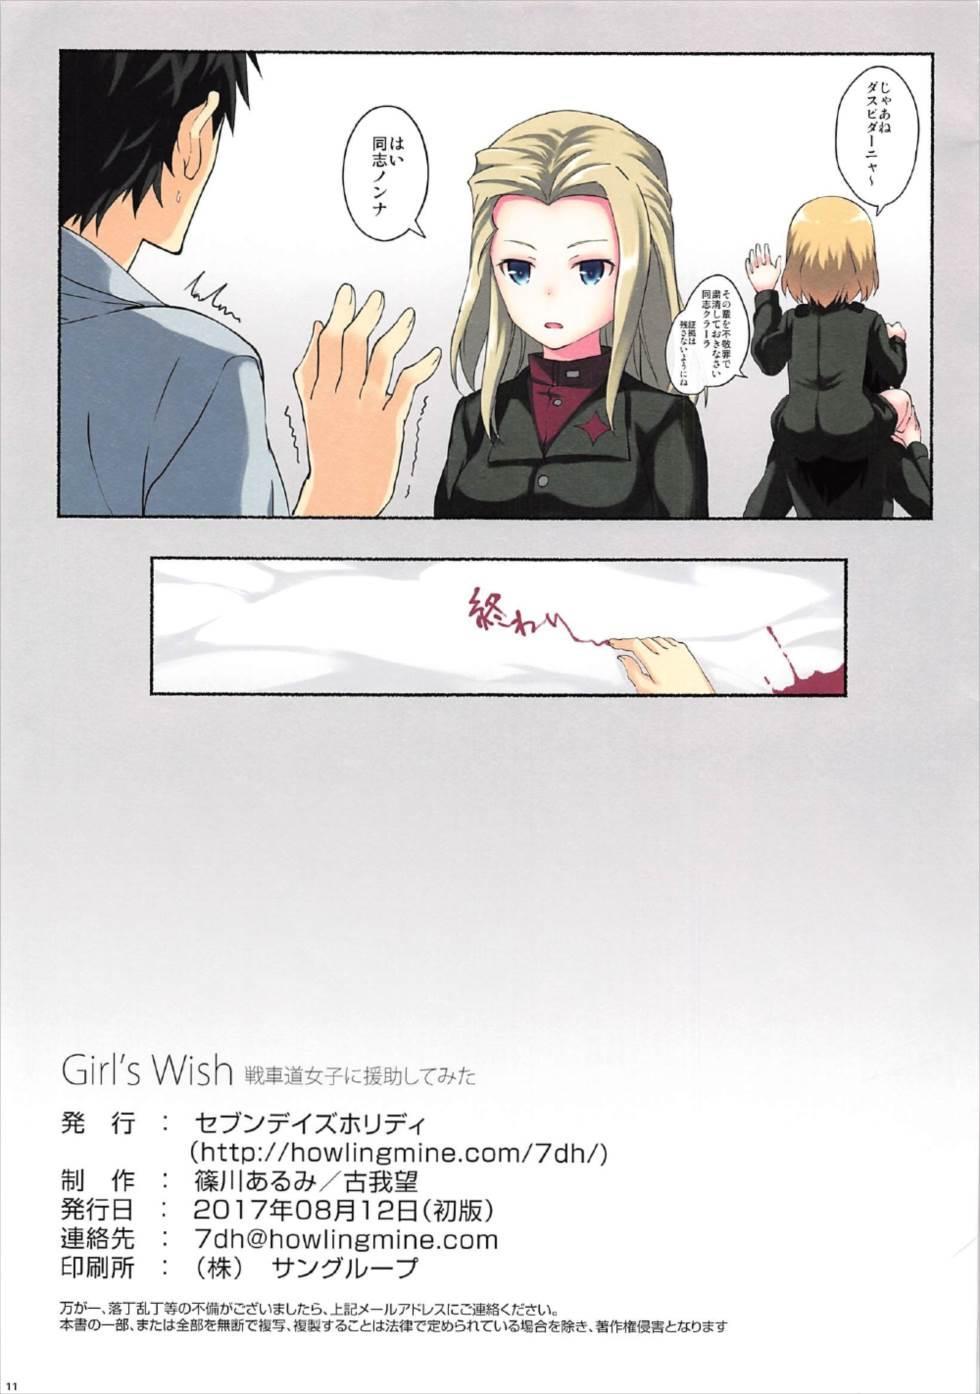 Girl's wish 10